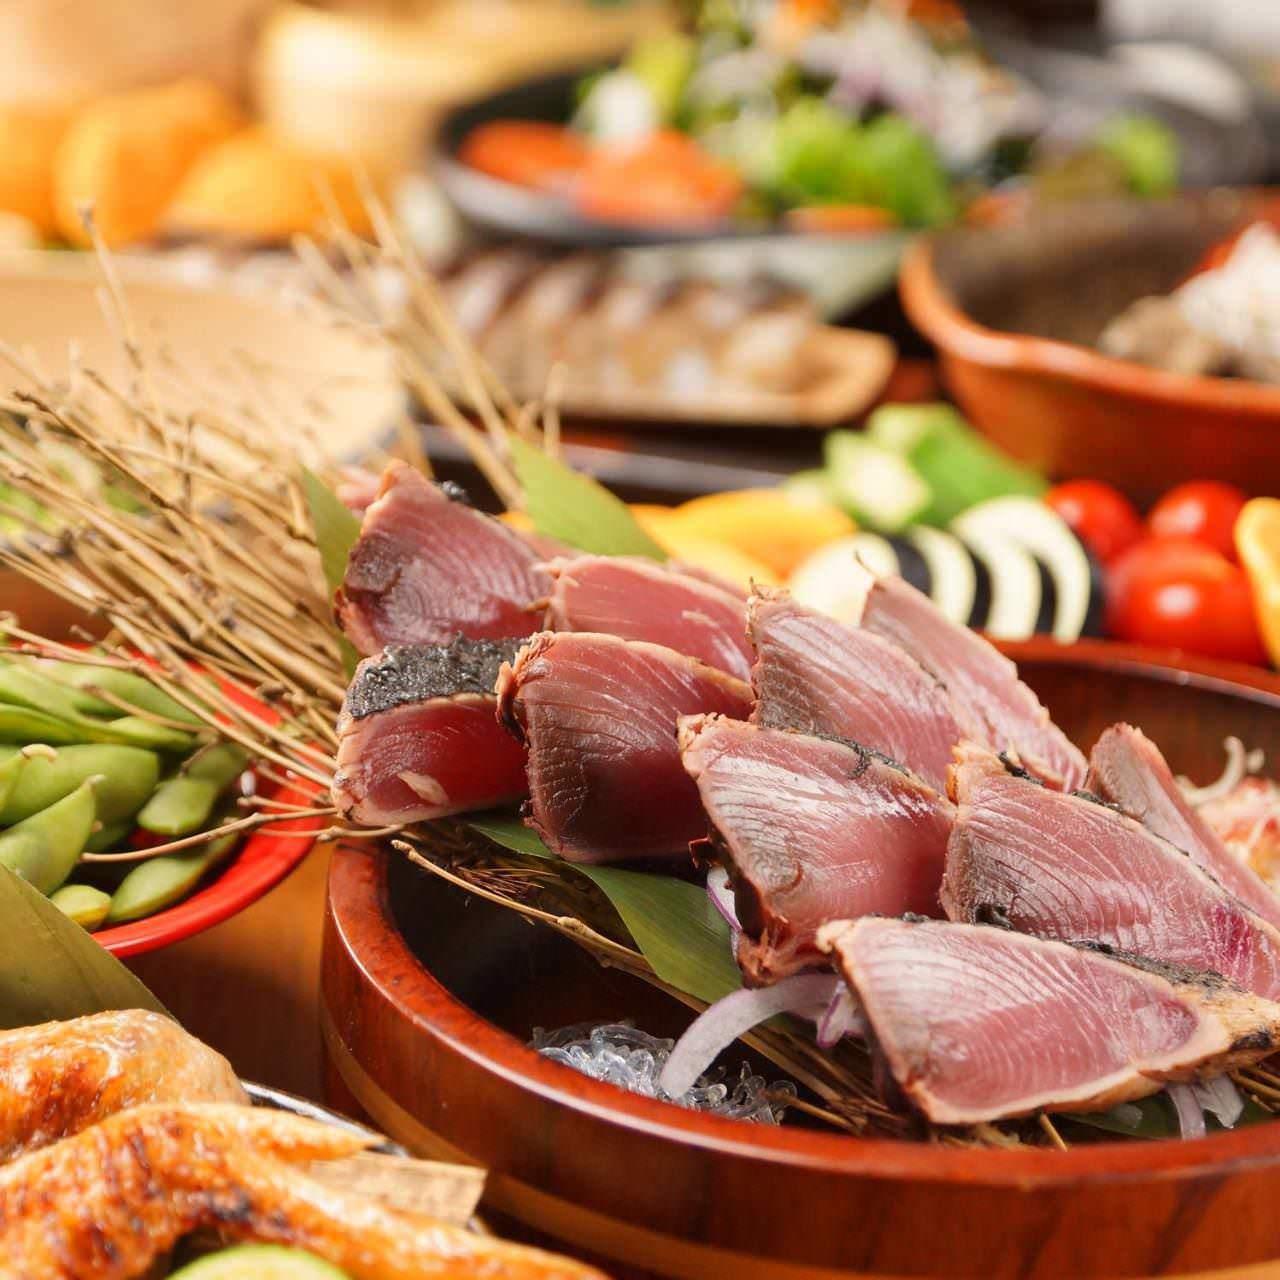 【当日OK】【3Hプレミアム飲み放題付き!】【料理9品】前菜やお肉が選べる!よりどりみどりコース4500円